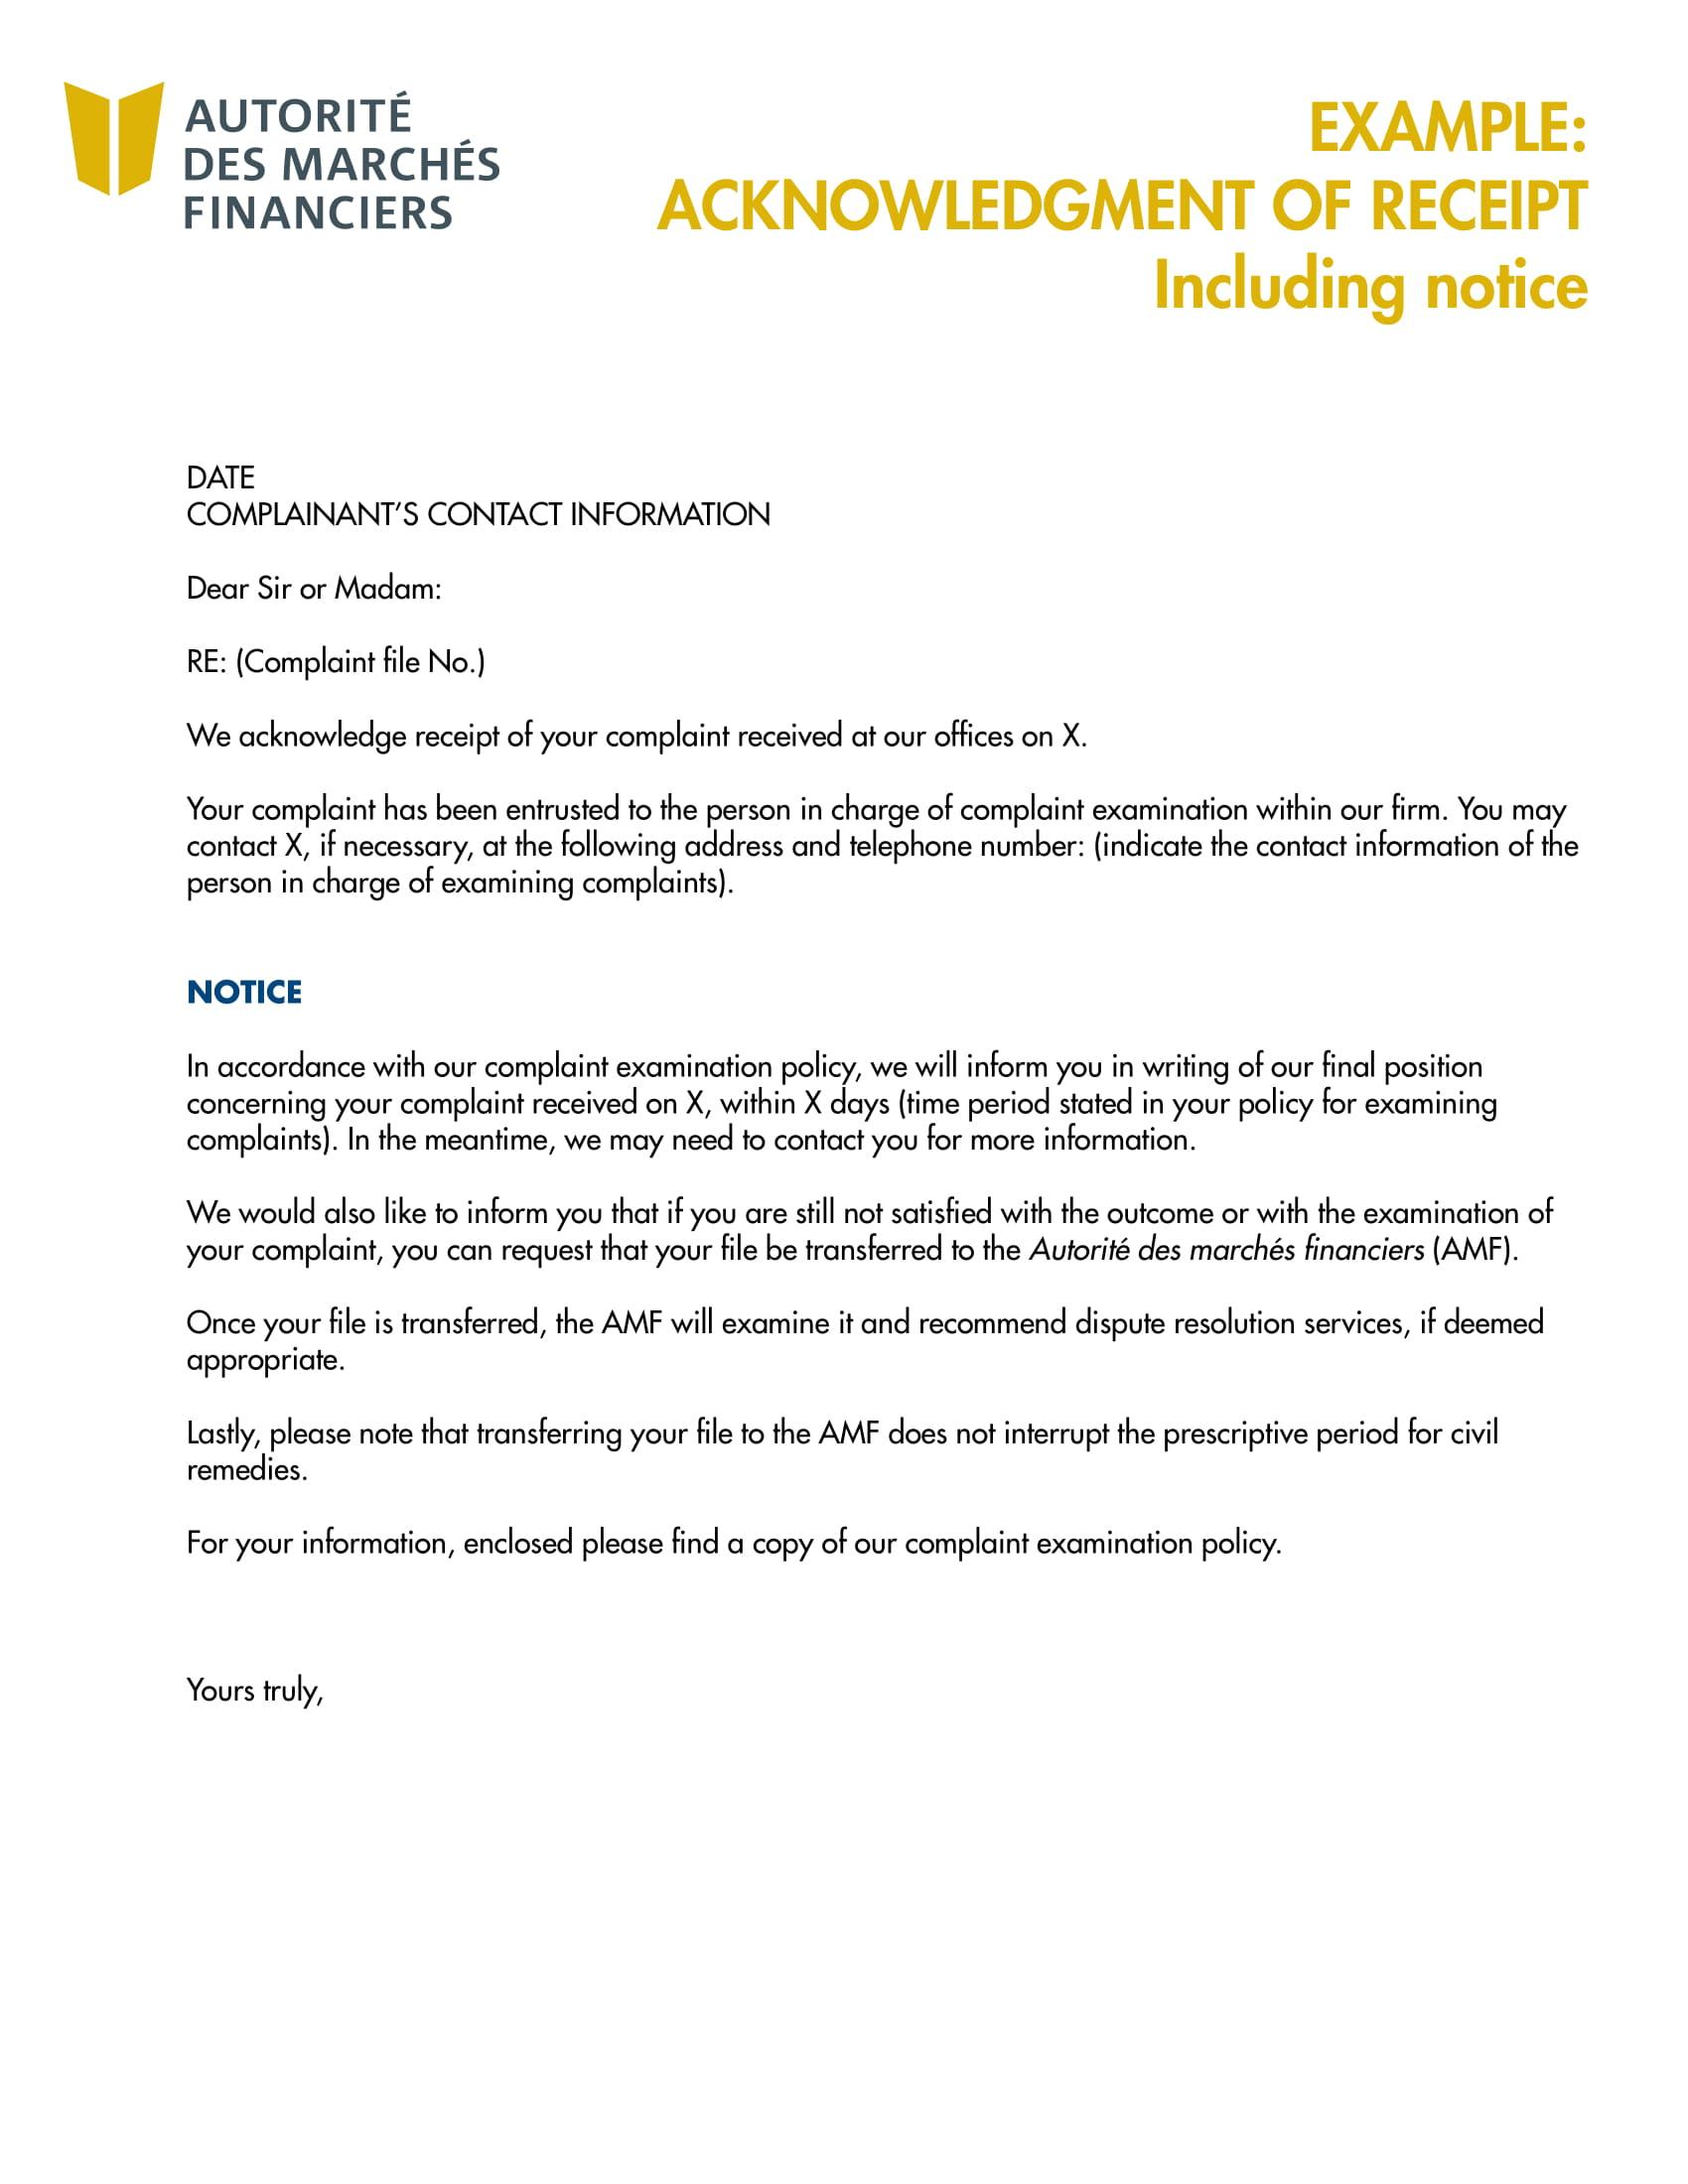 complaint acknowledgement receipt example